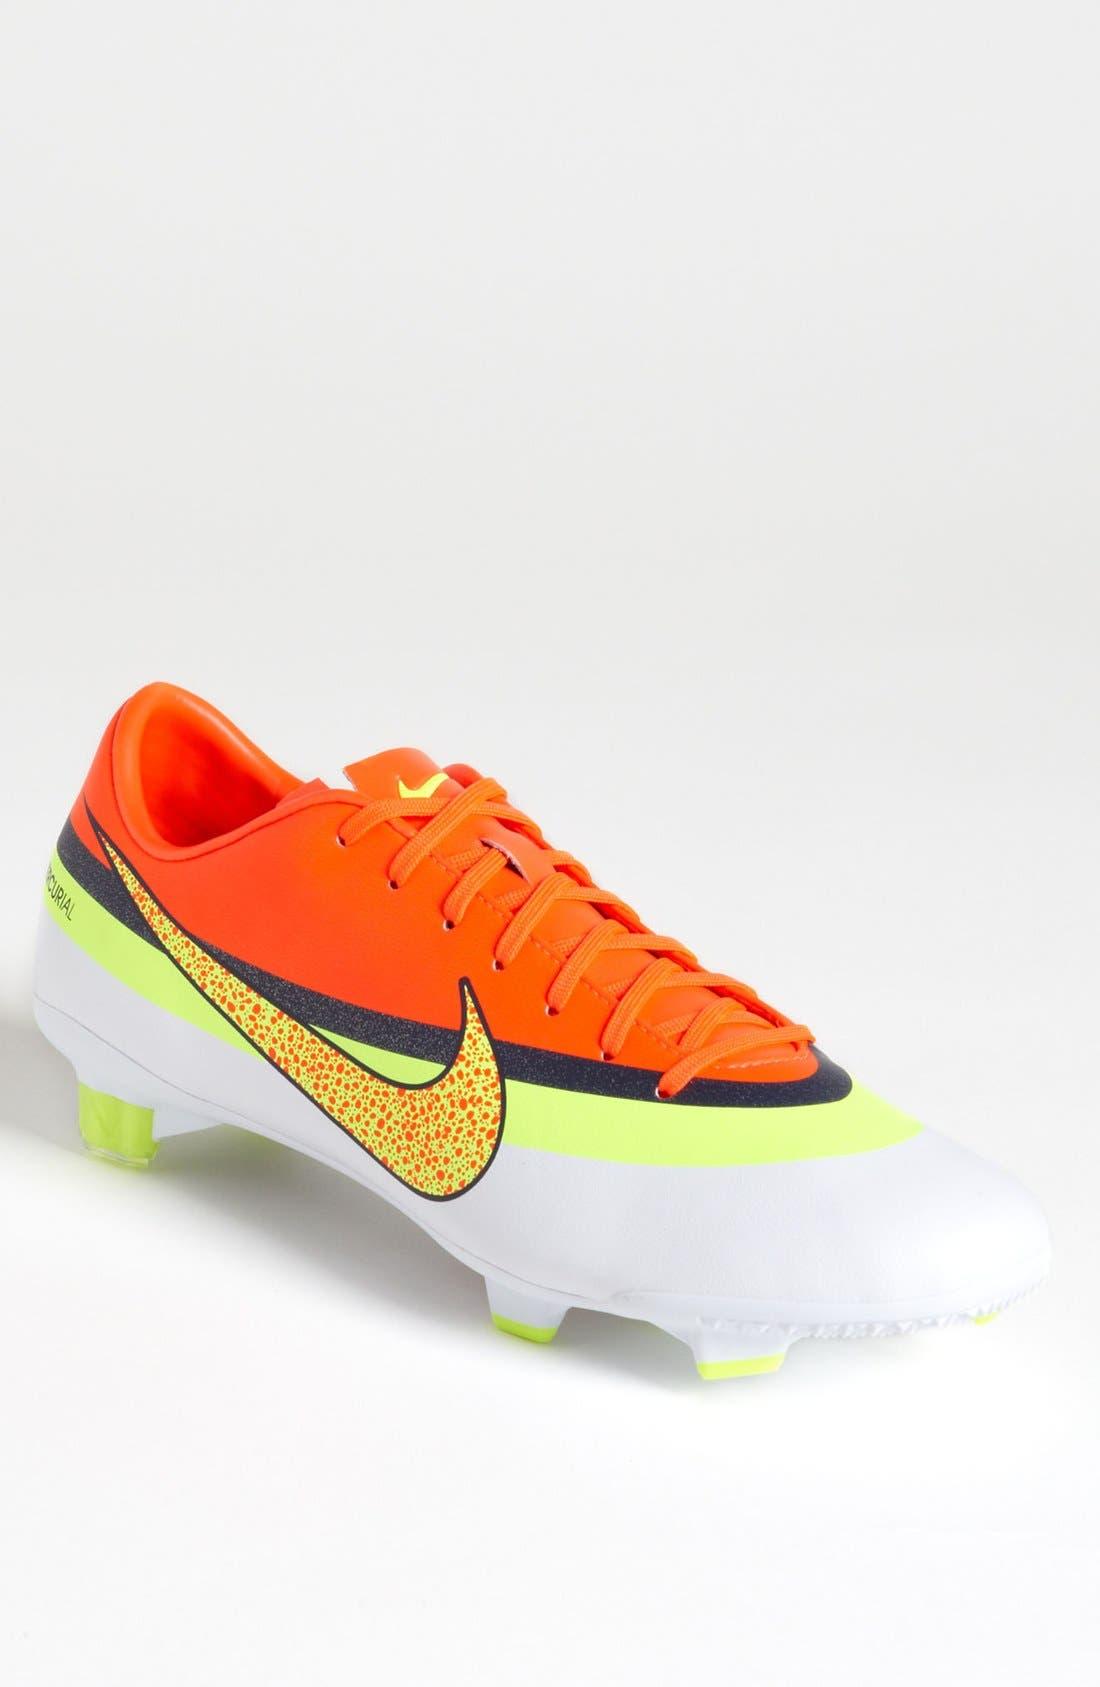 Alternate Image 1 Selected - Nike 'Mercurial Veloce CR FG' Soccer Cleat (Men)